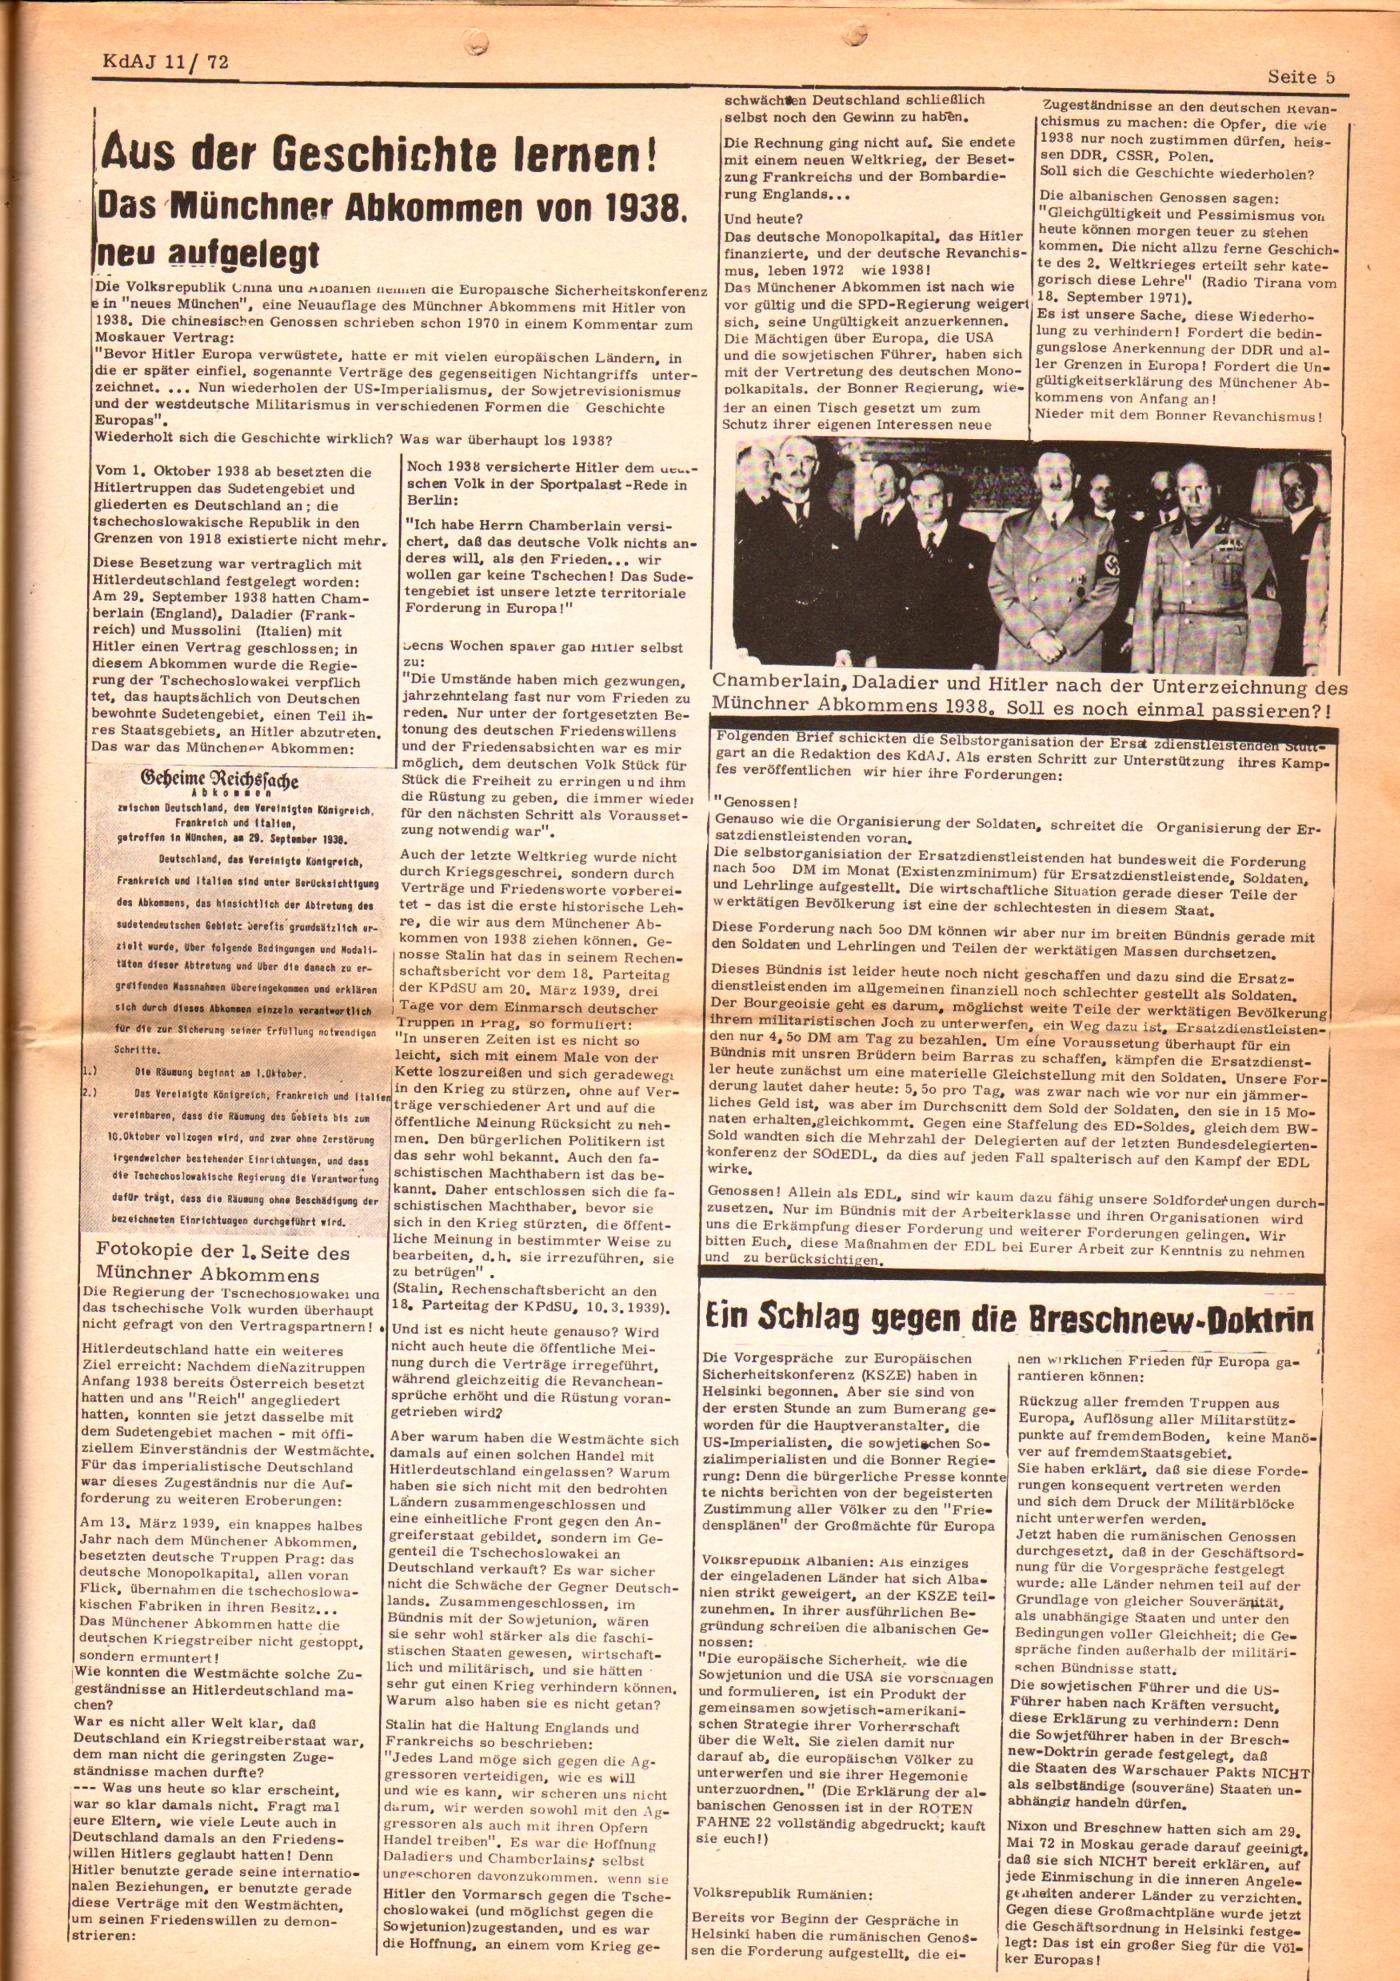 [Bild: KJVD_KDAJ_1972_11_05.jpg]